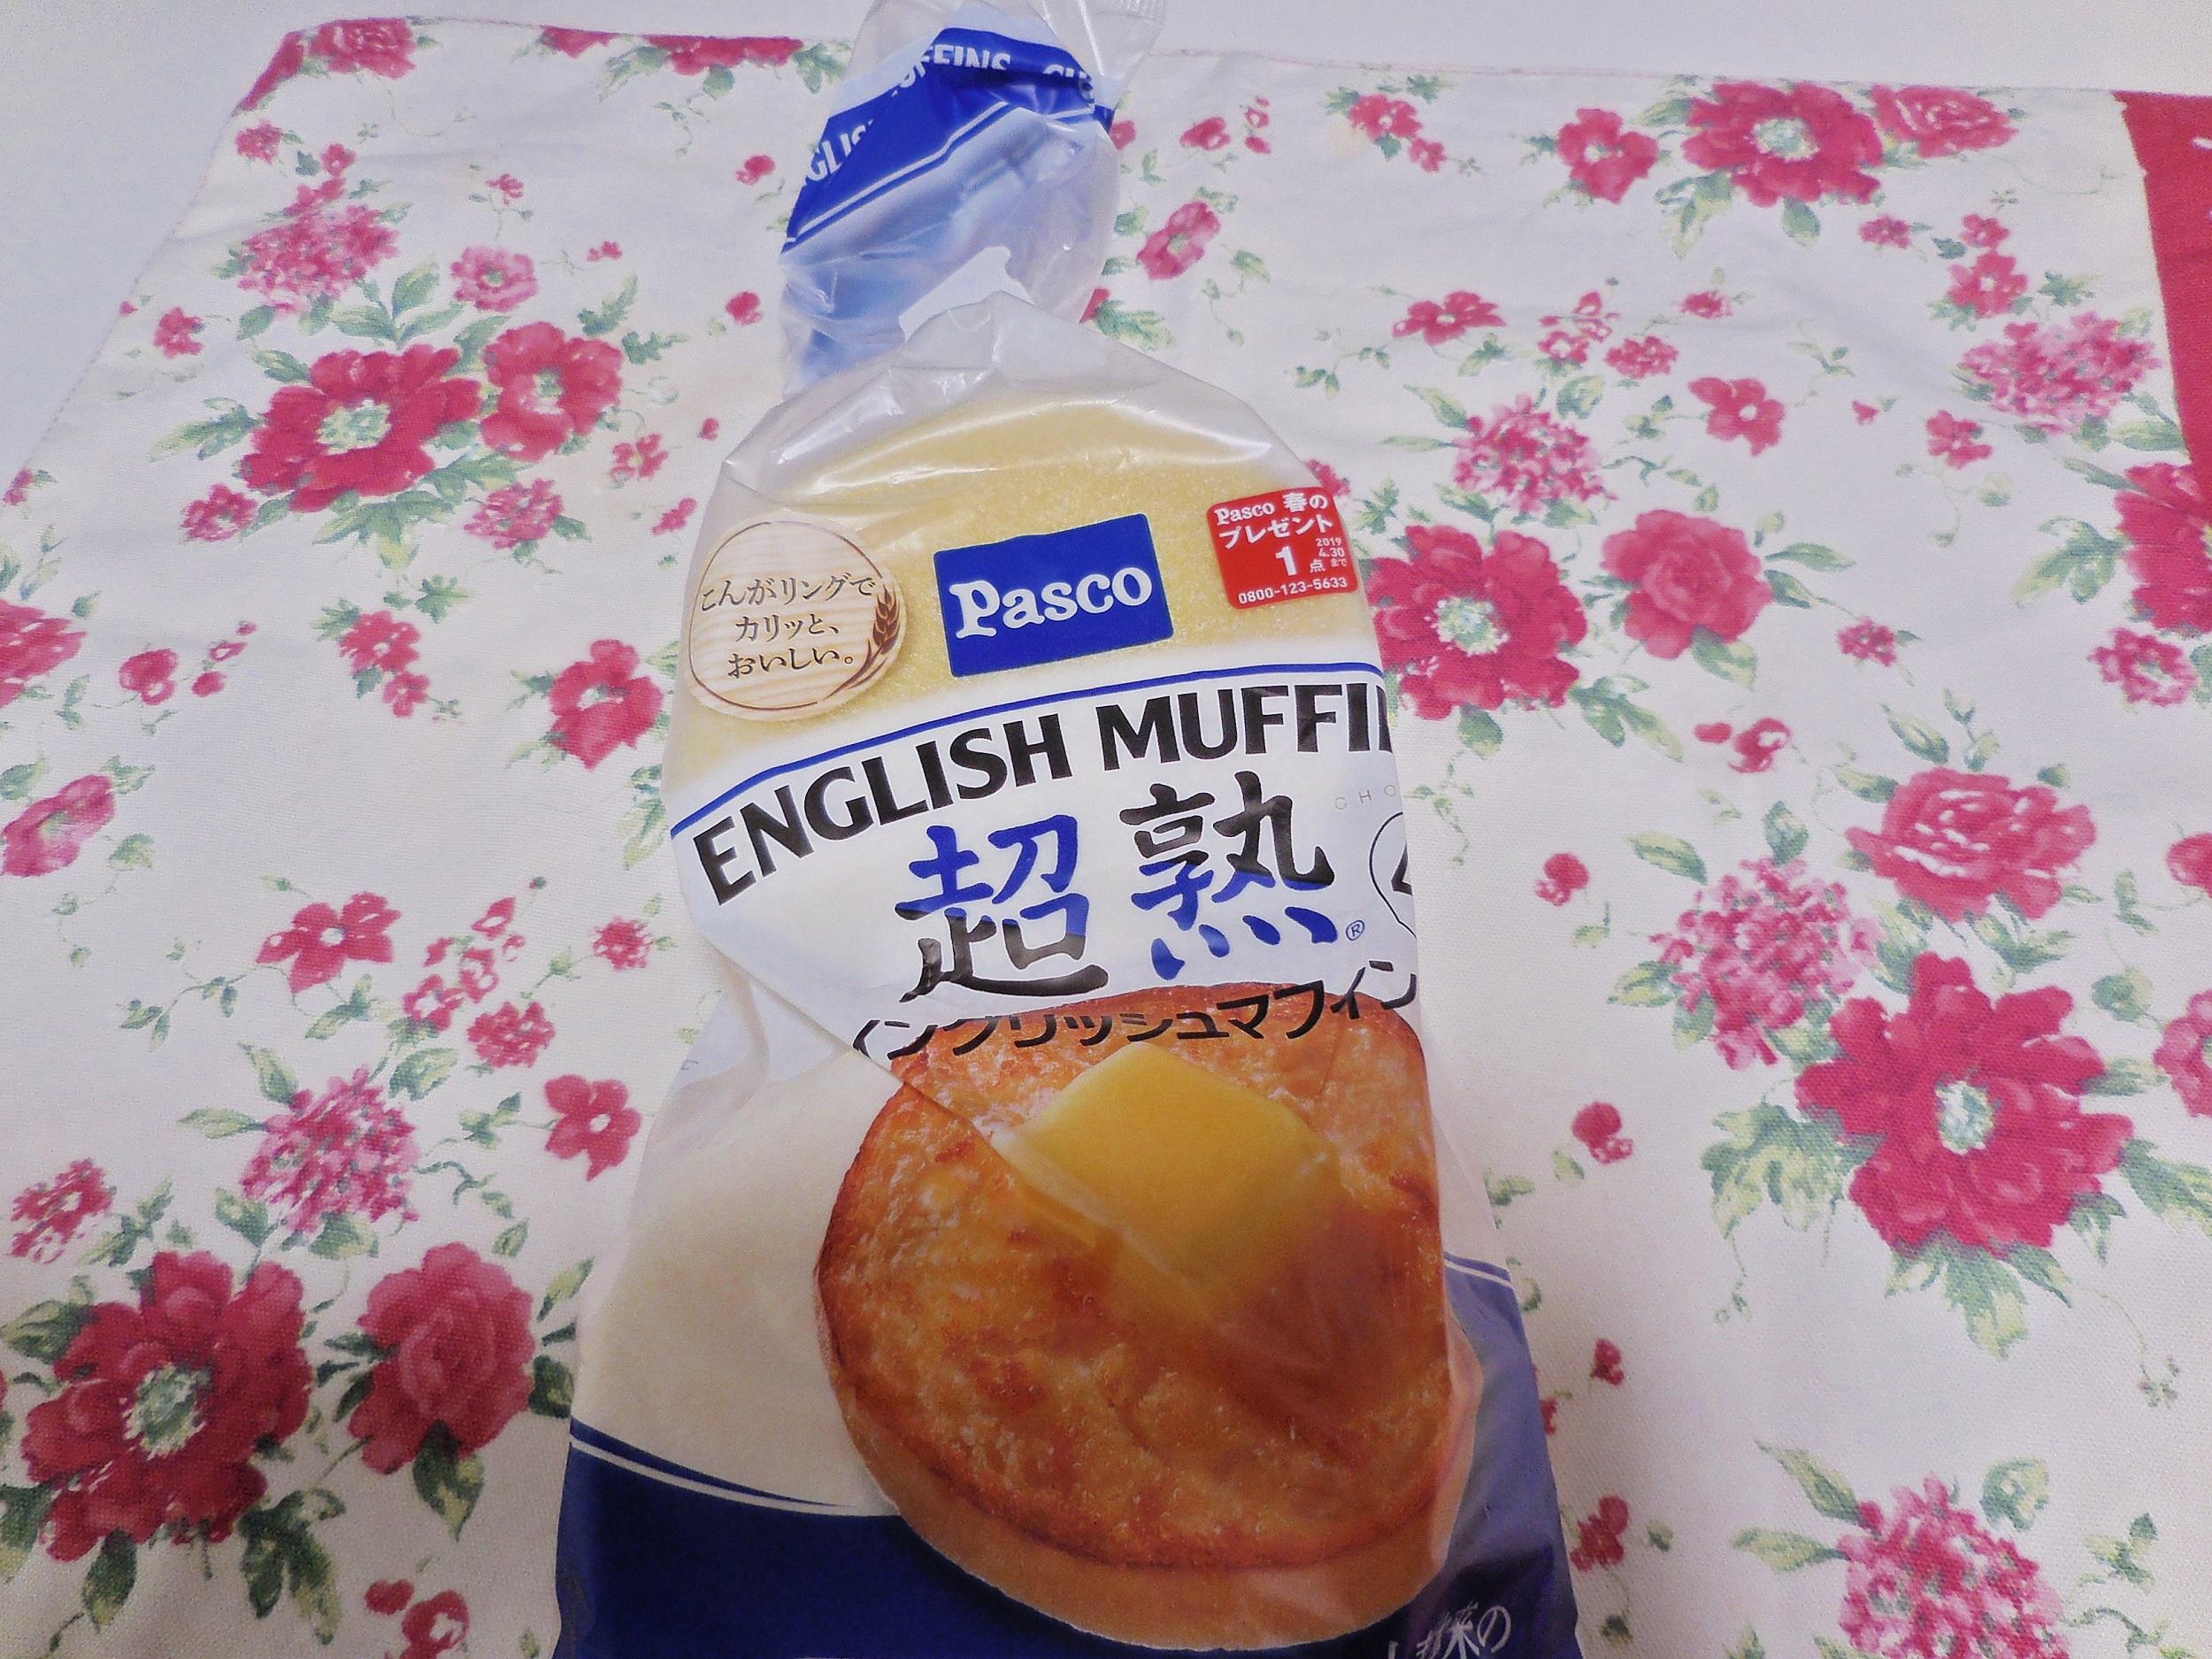 【最強の朝食と言われるイングリッシュマフィンを使ったレシピ、わたしもためしてみました!】_1